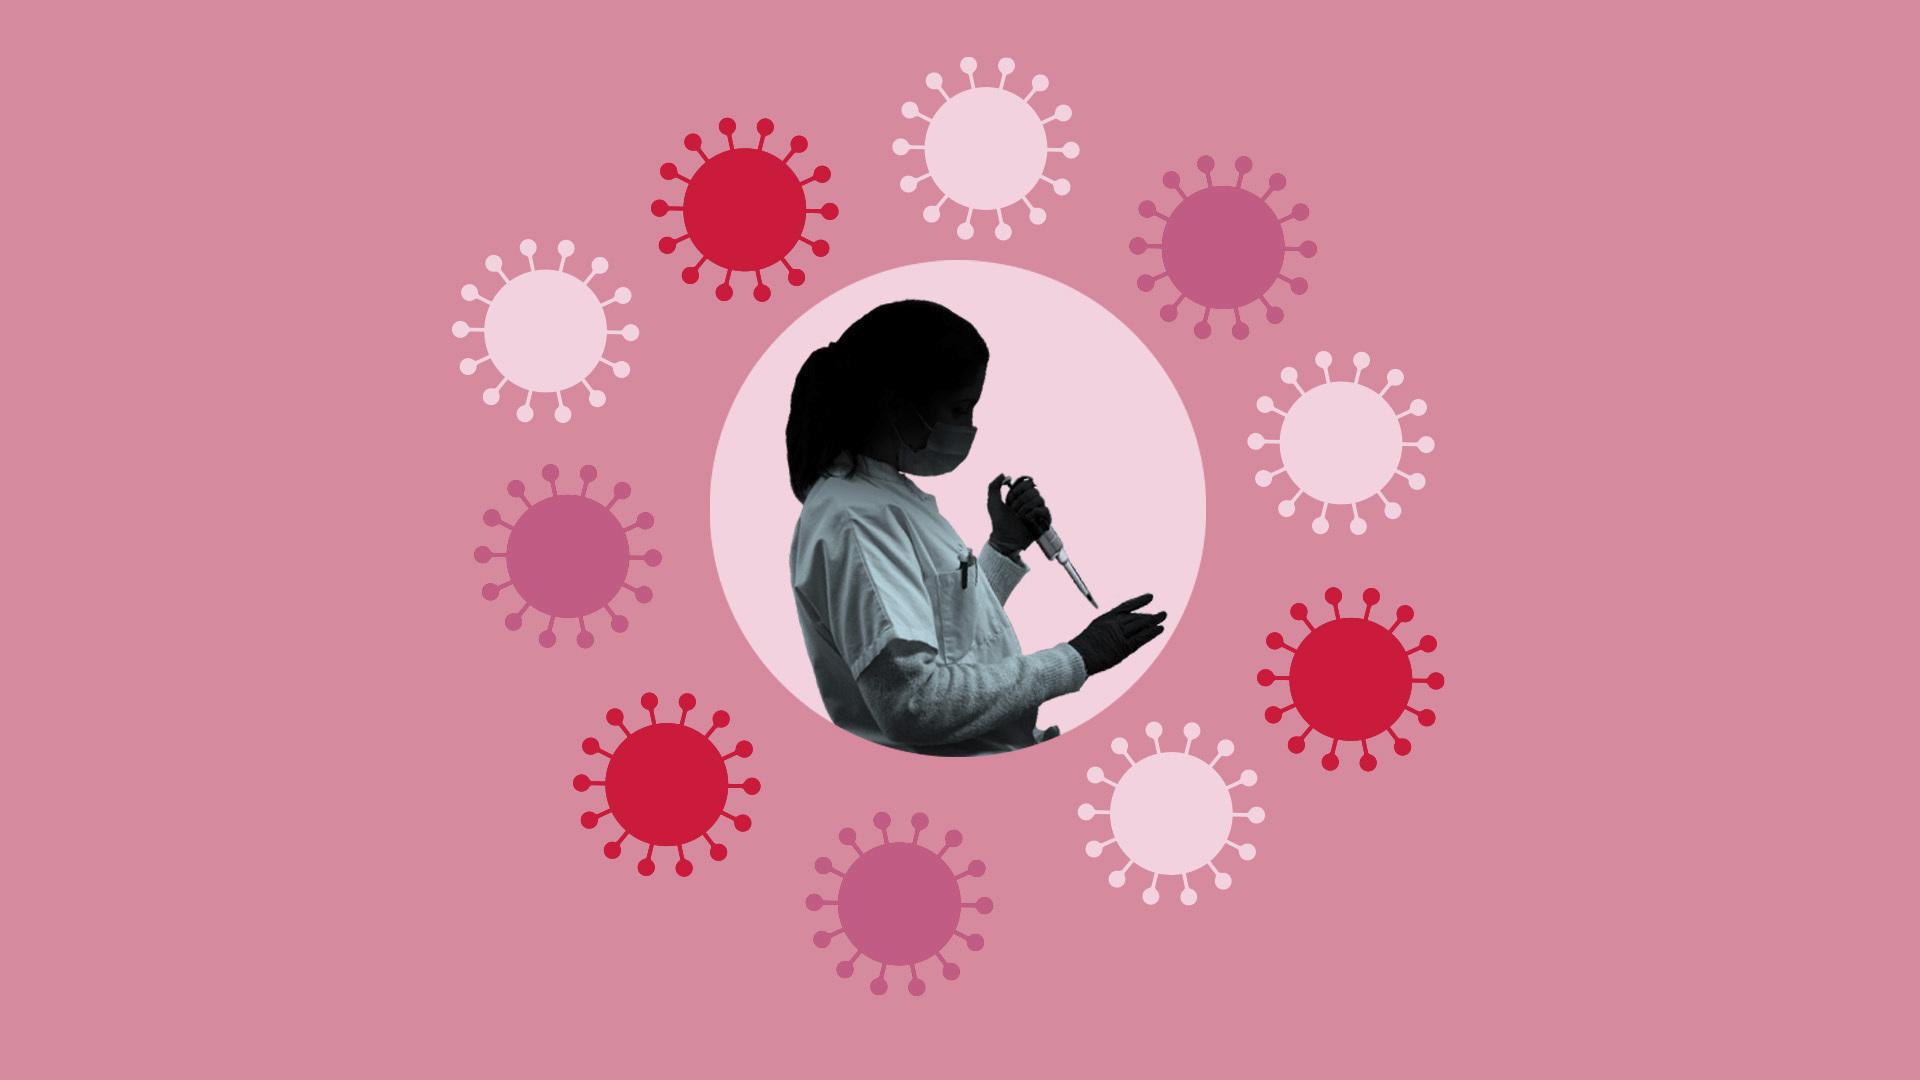 AP-Virus Outbreak-Viral Questions-Variants